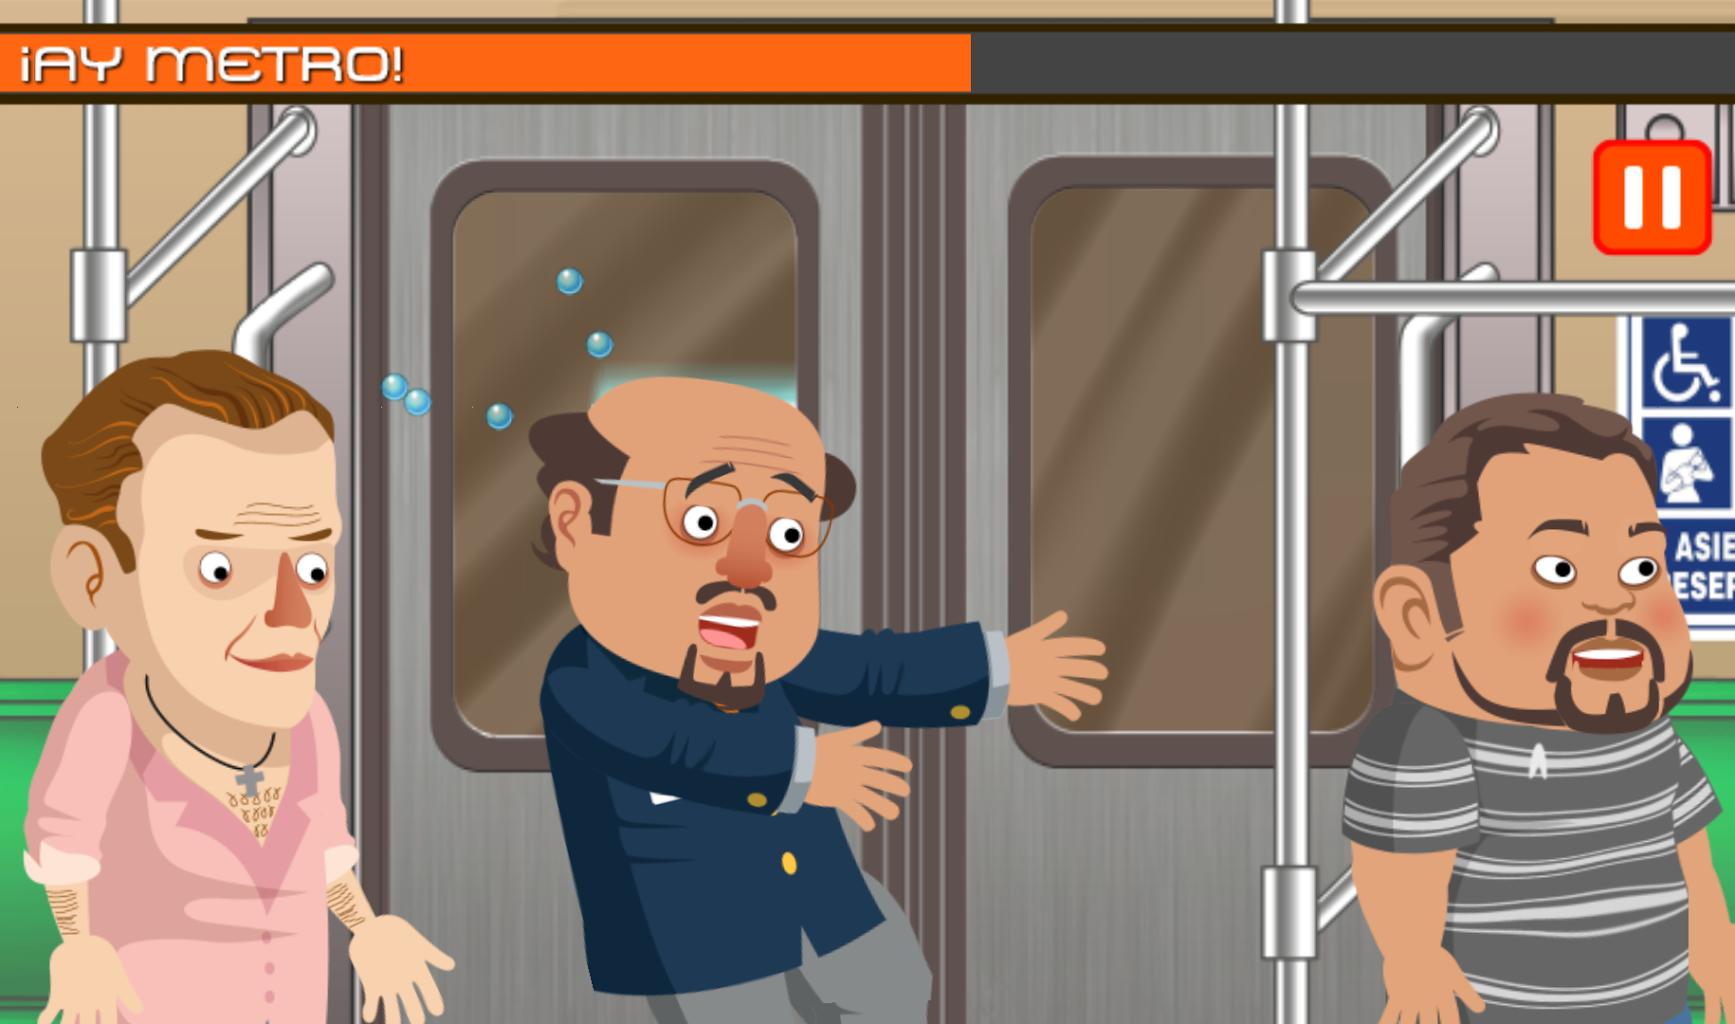 Ay, Metro gratis descarga